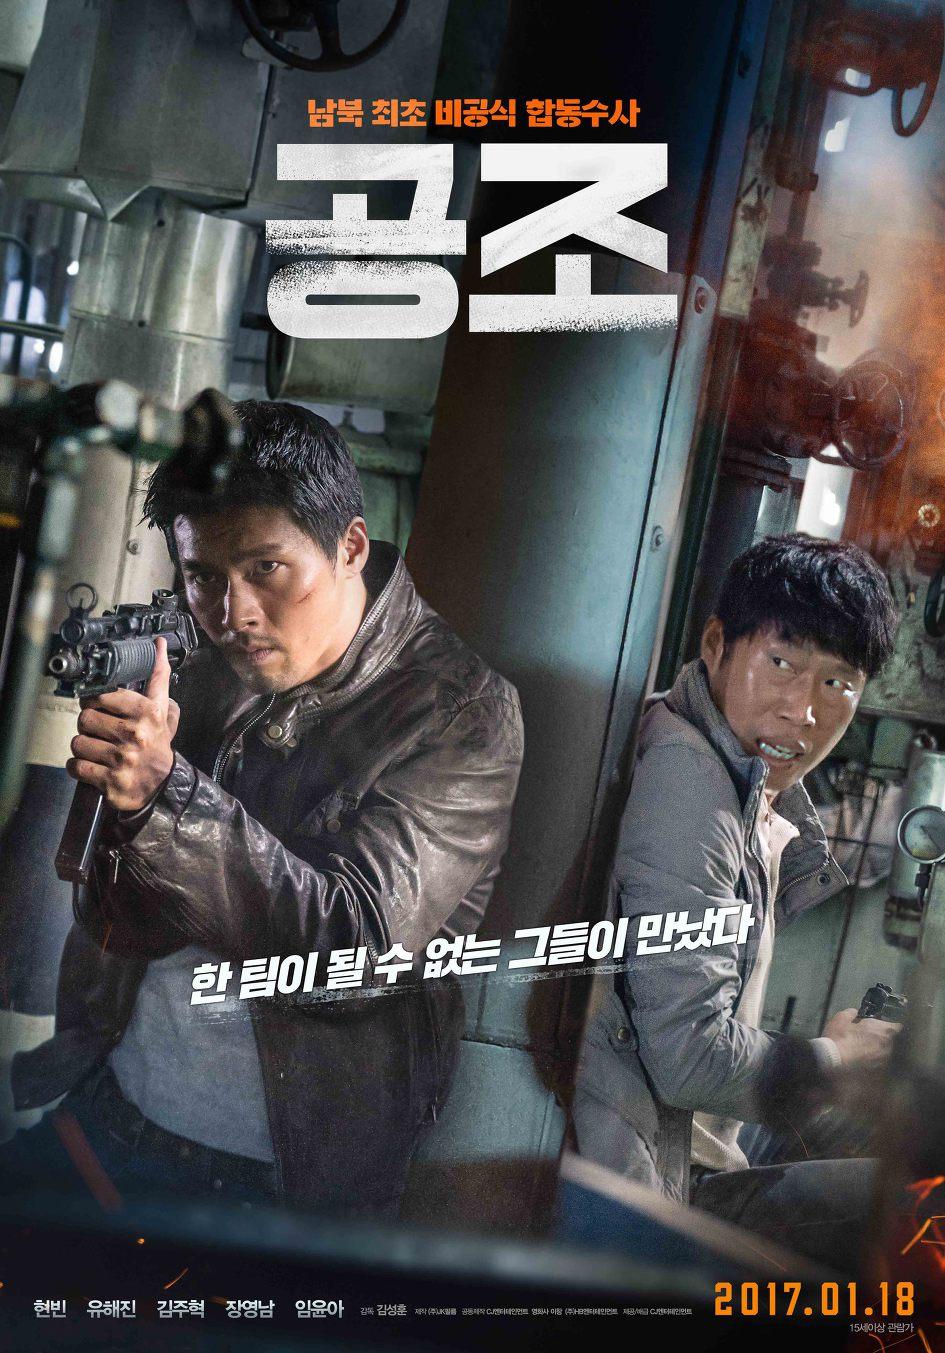 [영화]공조(Confidential Assignment)2016.(2)18.8.18일자